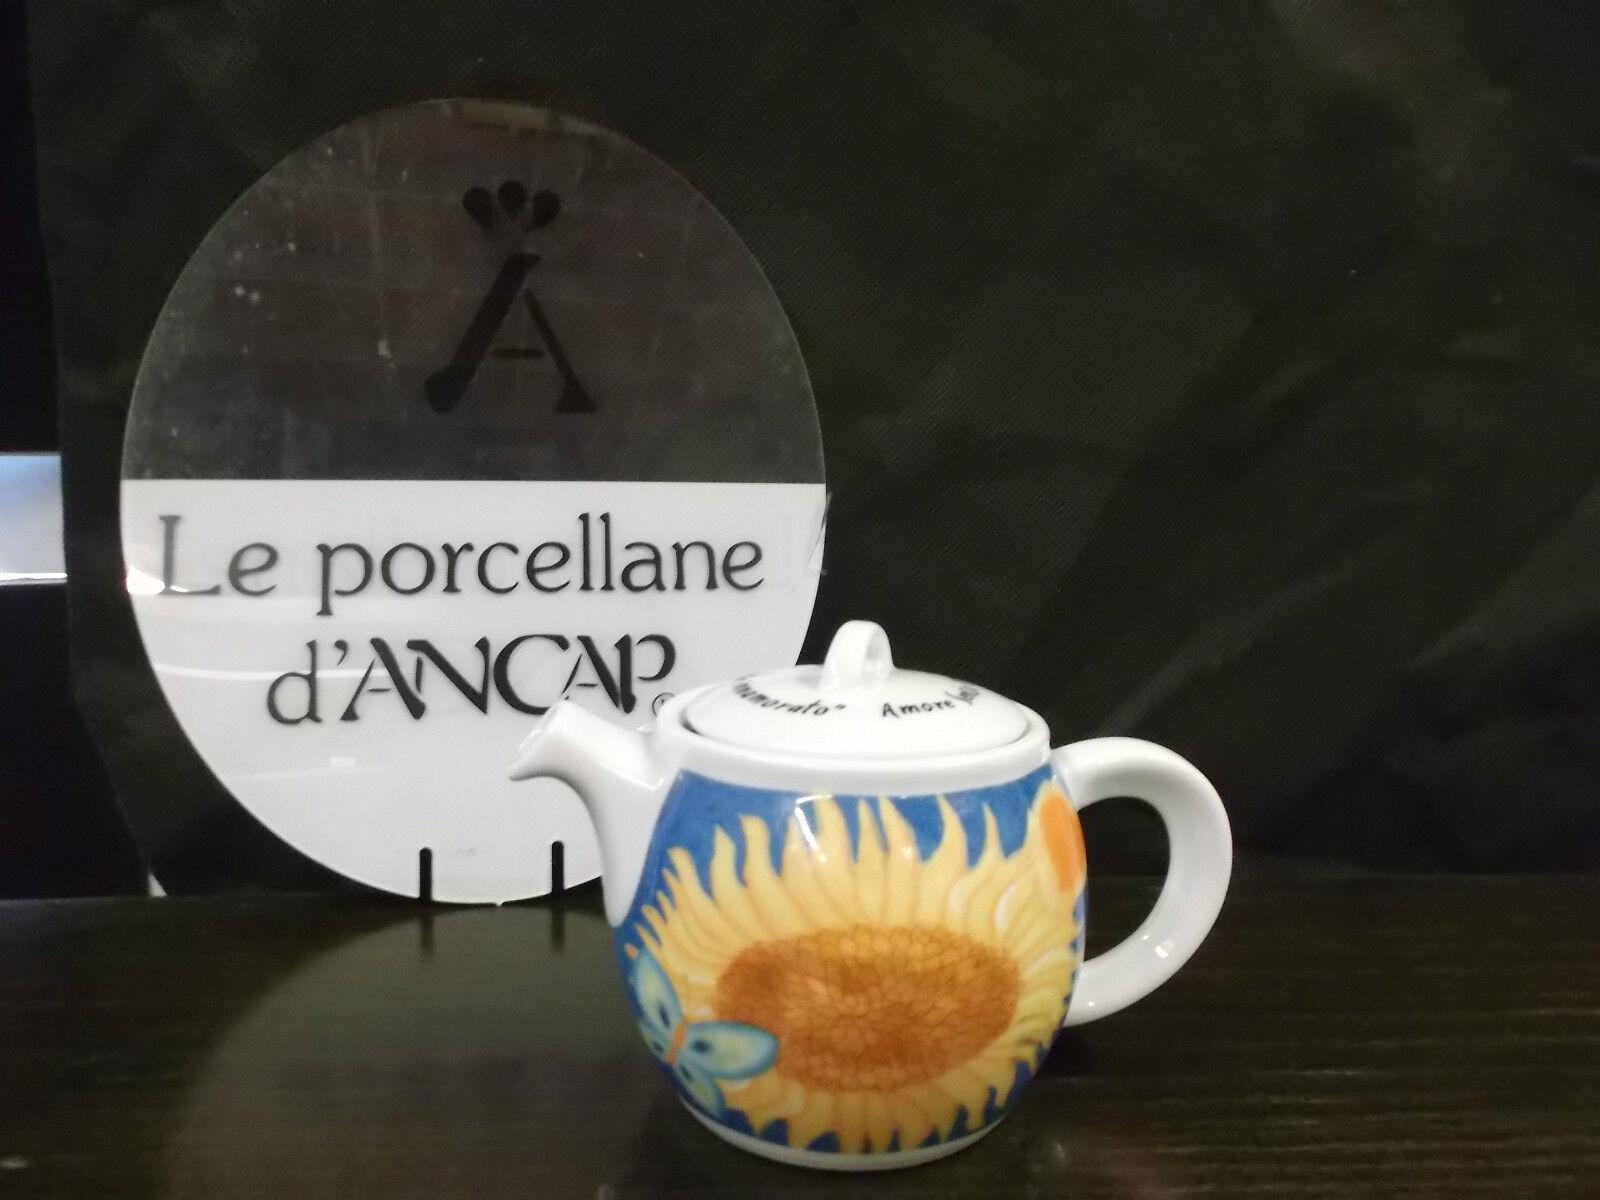 senza esitazione! acquista ora! Teiera ANCAP porcellana serie  il girasole girasole girasole innamorato  -  porcelain teapot  goditi il 50% di sconto